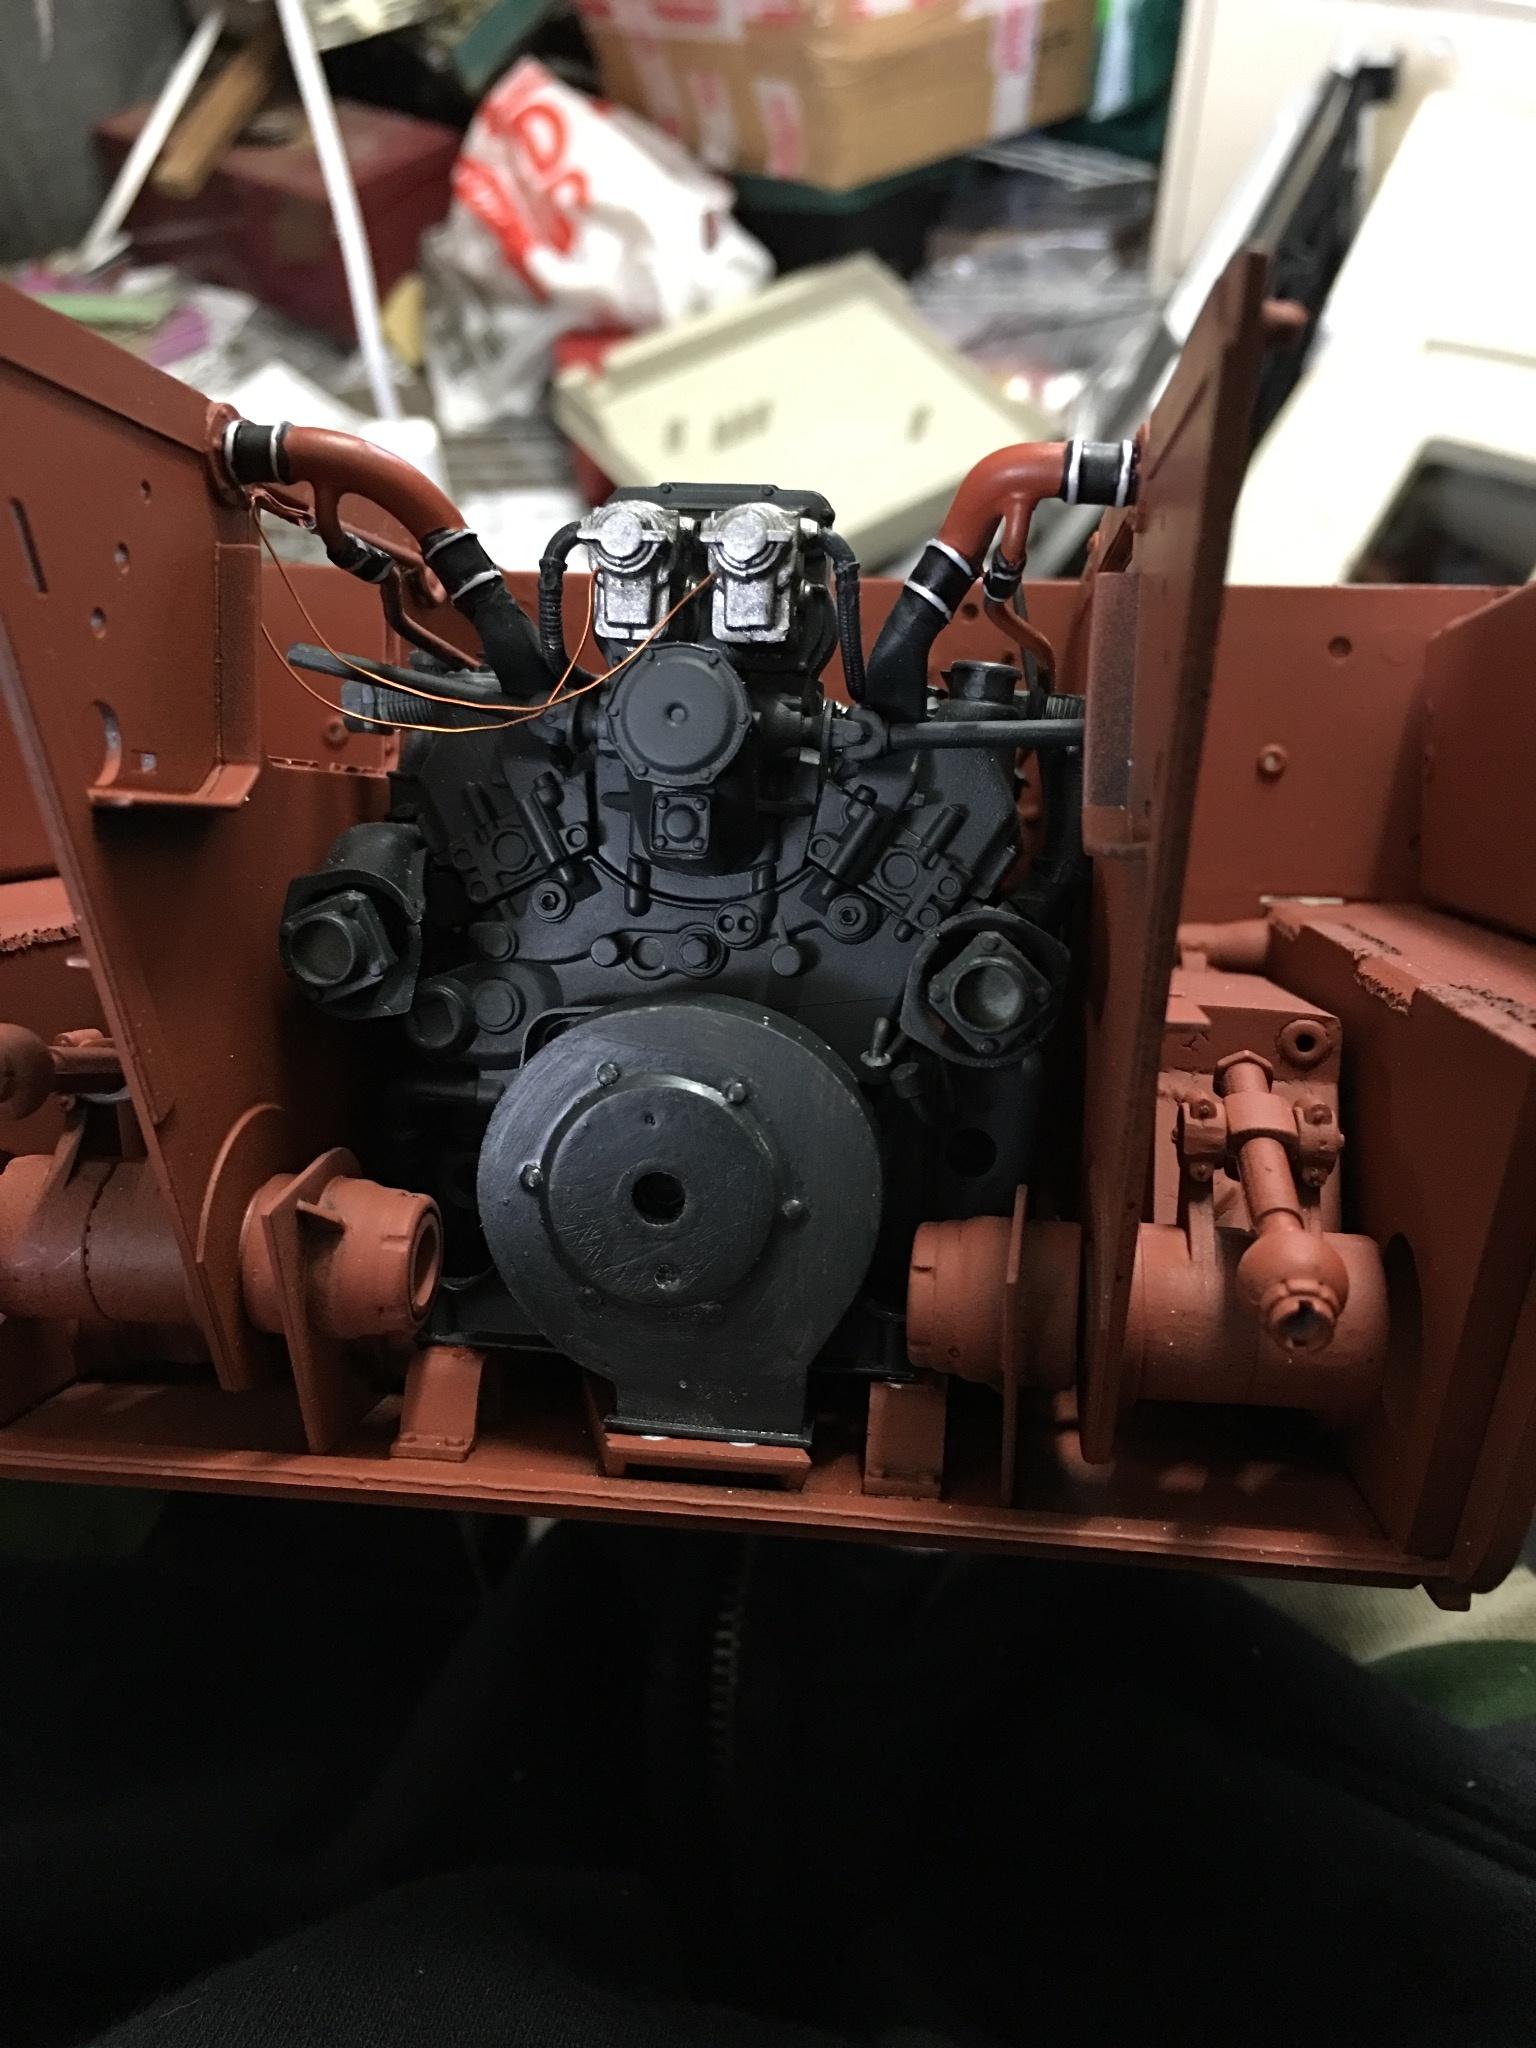 B5860A82-6C22-4A9F-95B6-0AD21F6A181C.jpeg